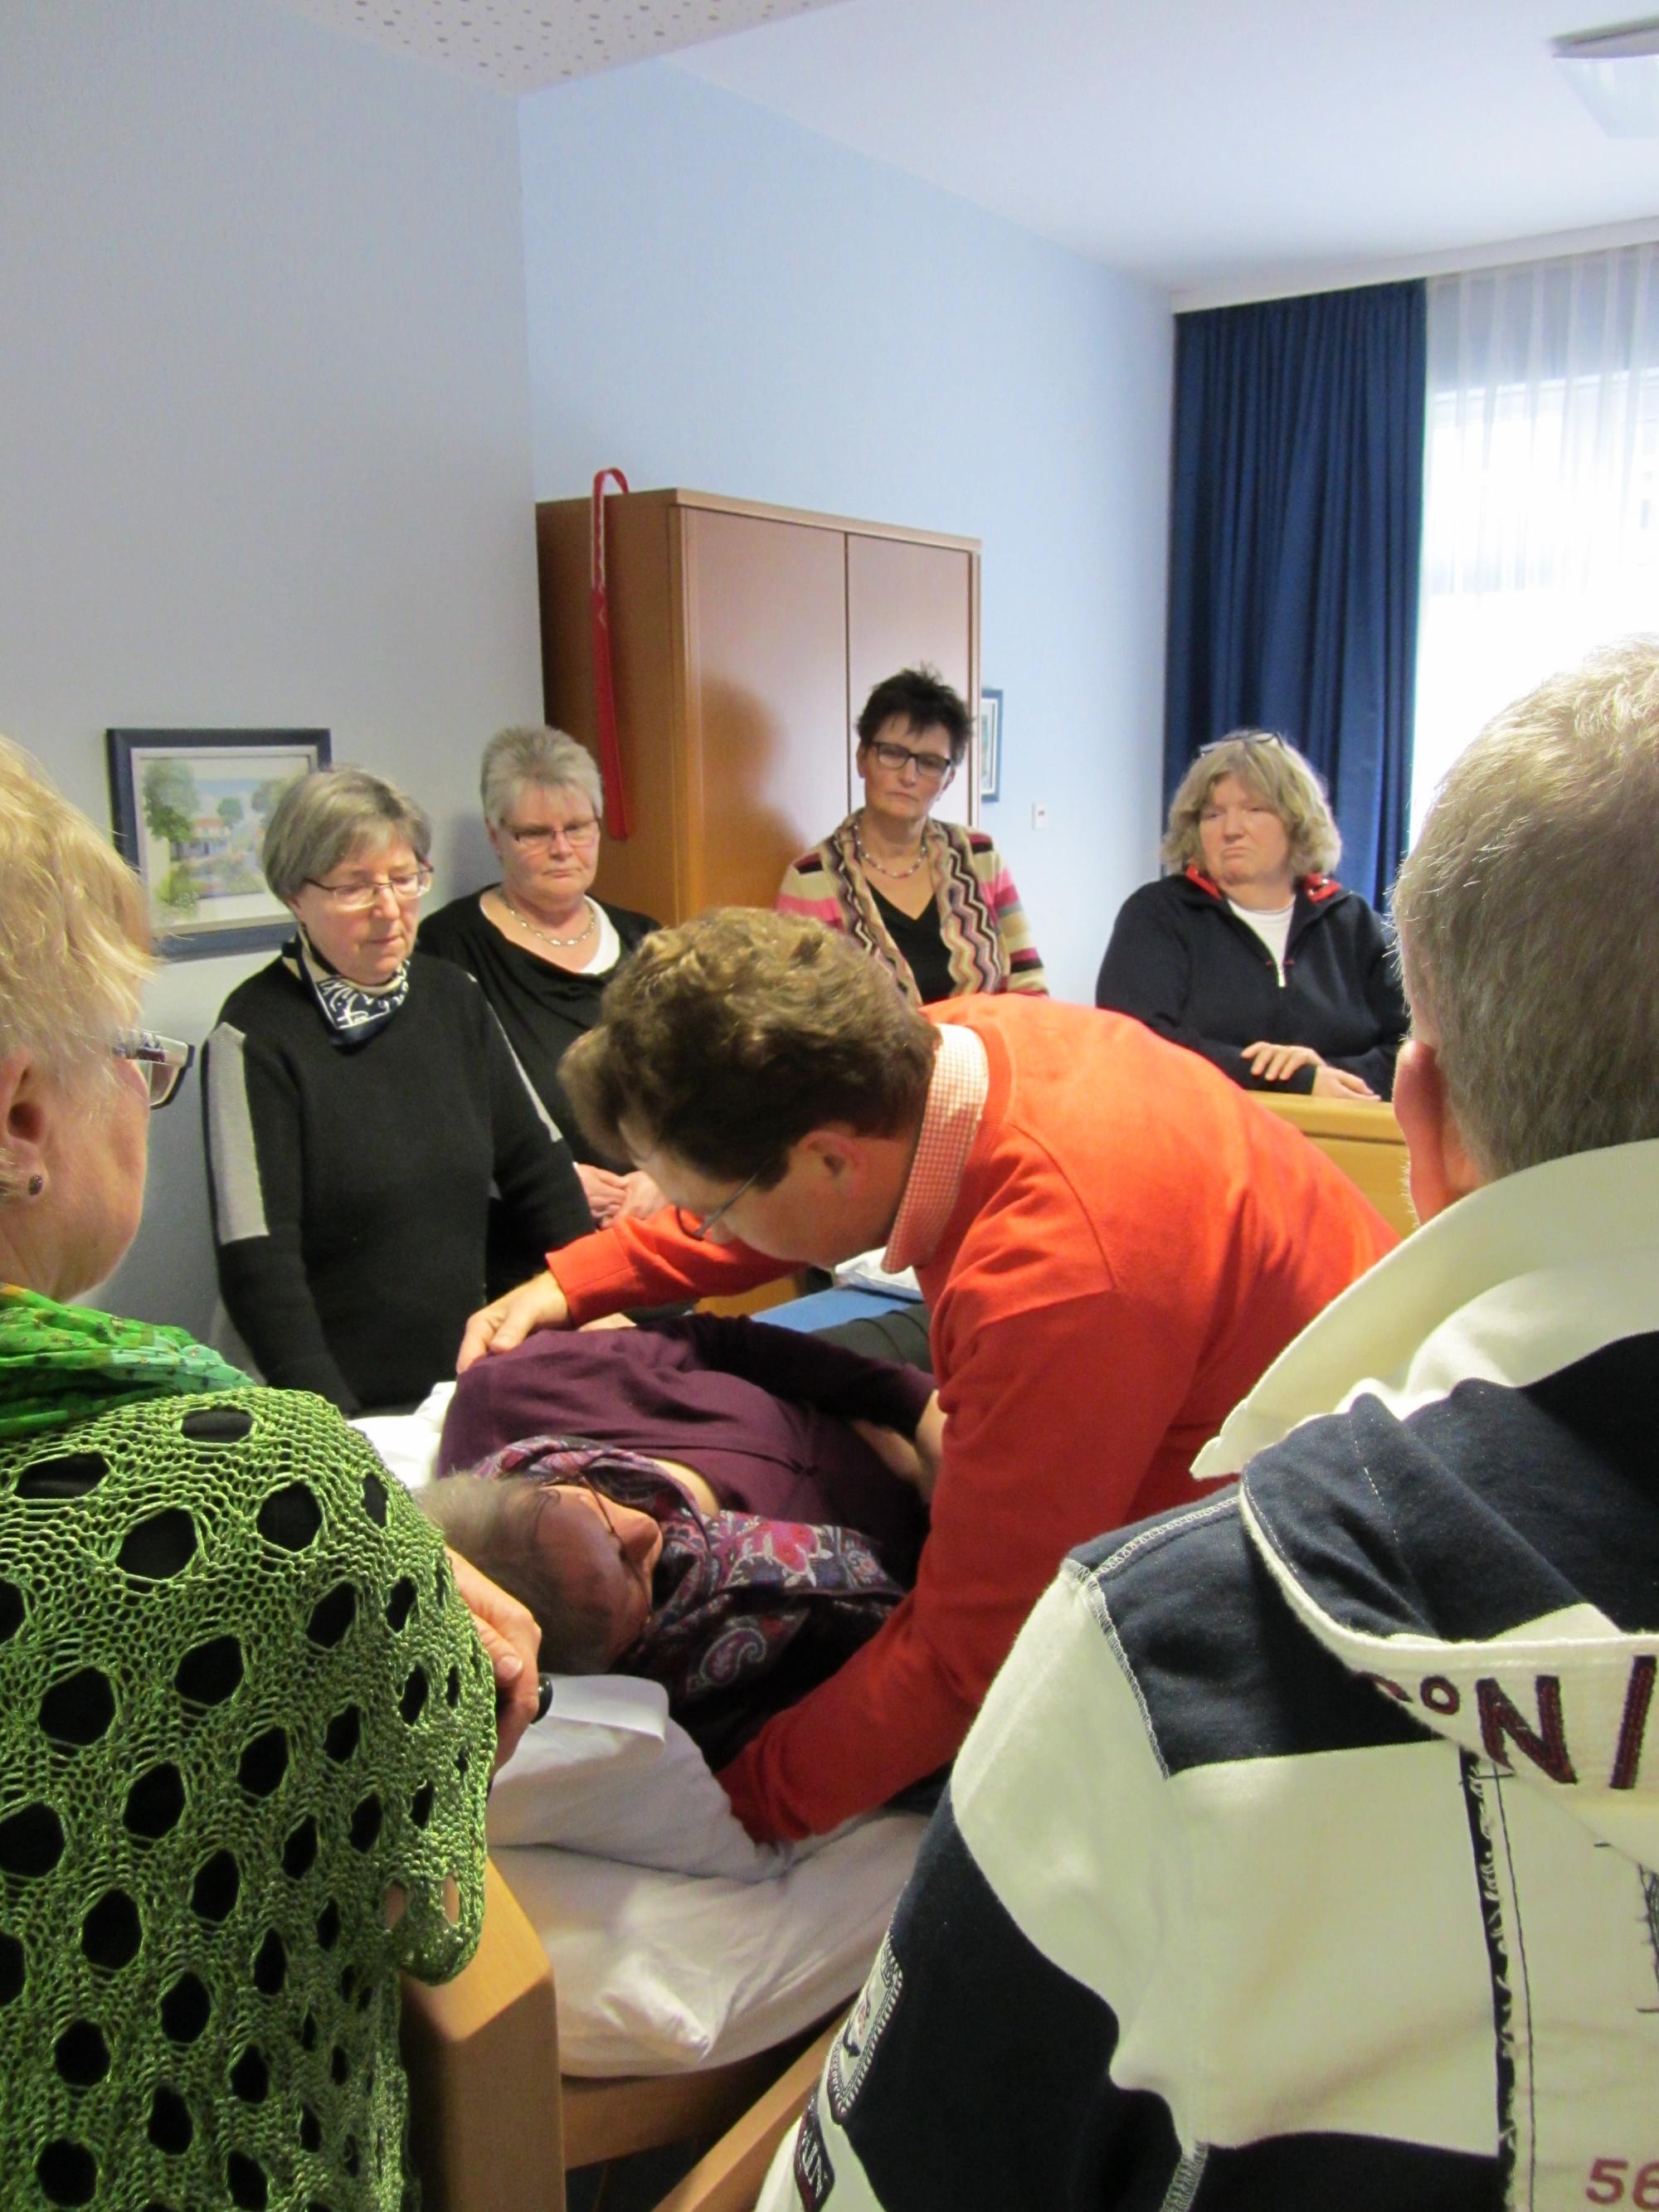 Kompetenzzentrum Essen - Pflegekurs Apoplexie